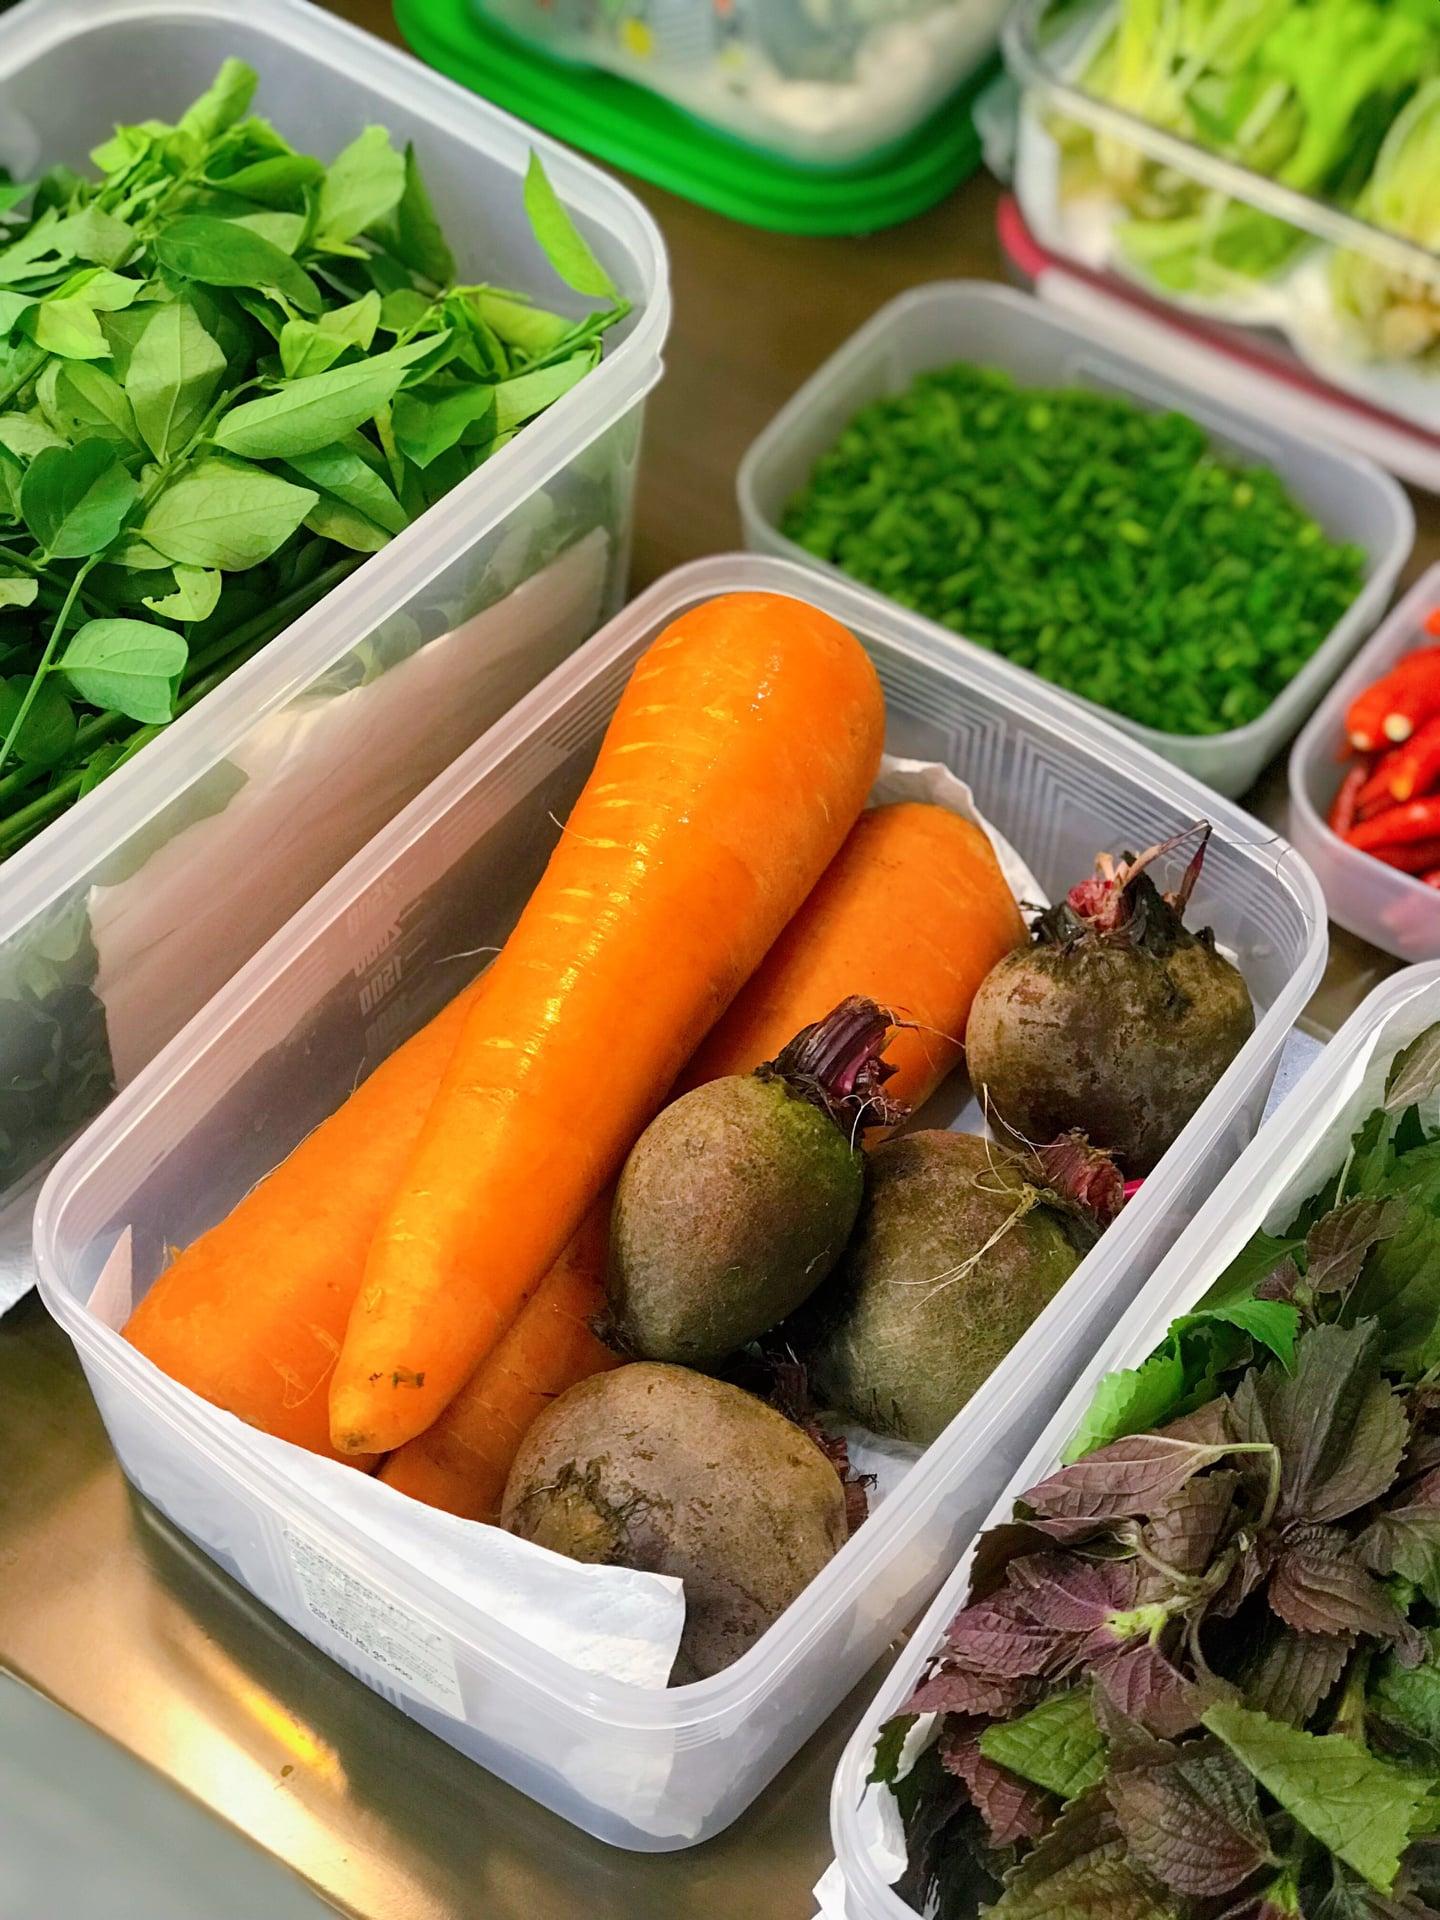 Gái đảm Sài Gòn bảo quản 11 loại thực phẩm tươi cả tuần mùa dịch - 7